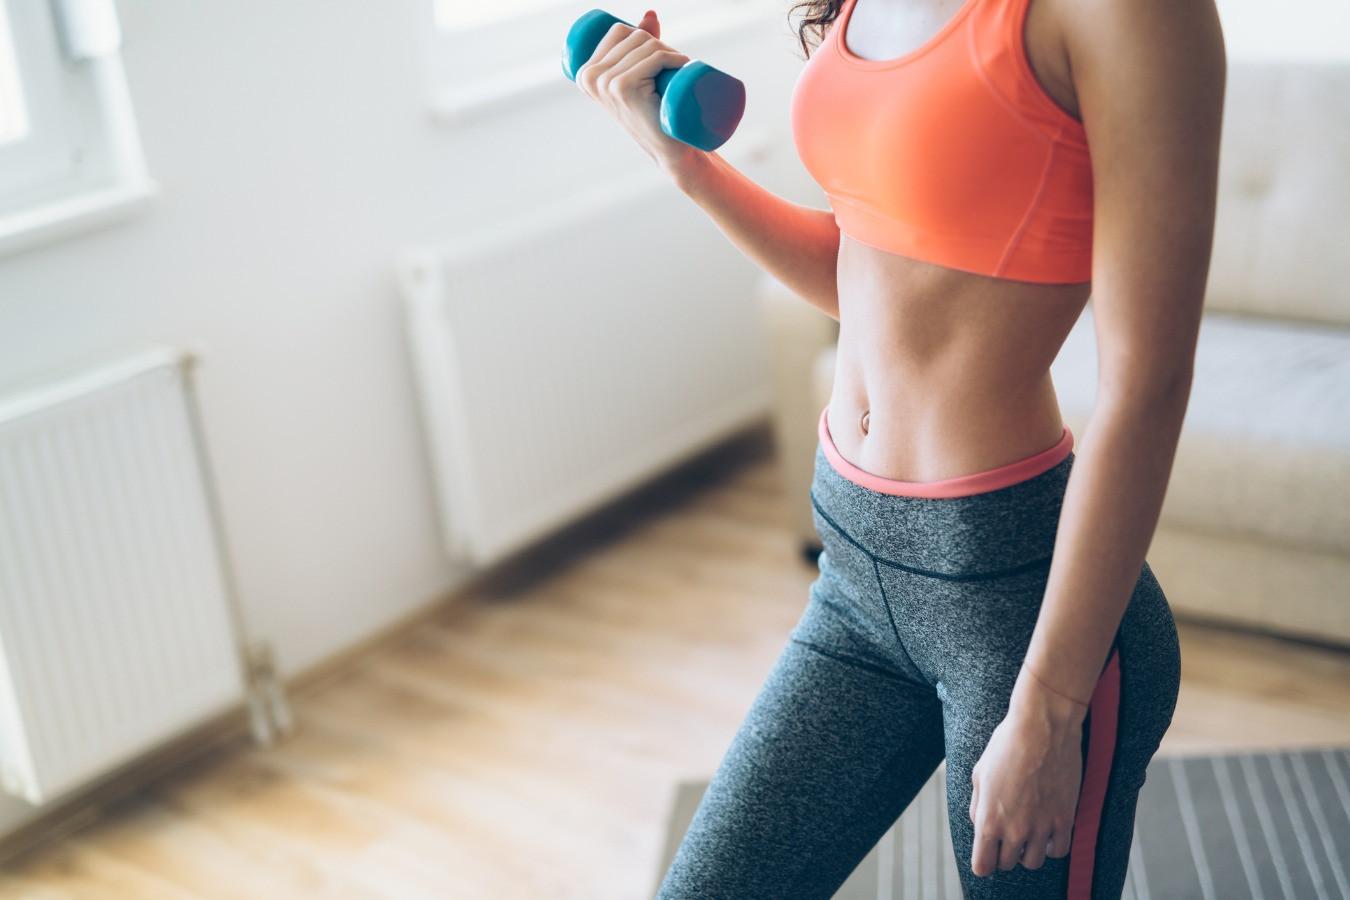 жиросжигающие упражнения фото разные варианты